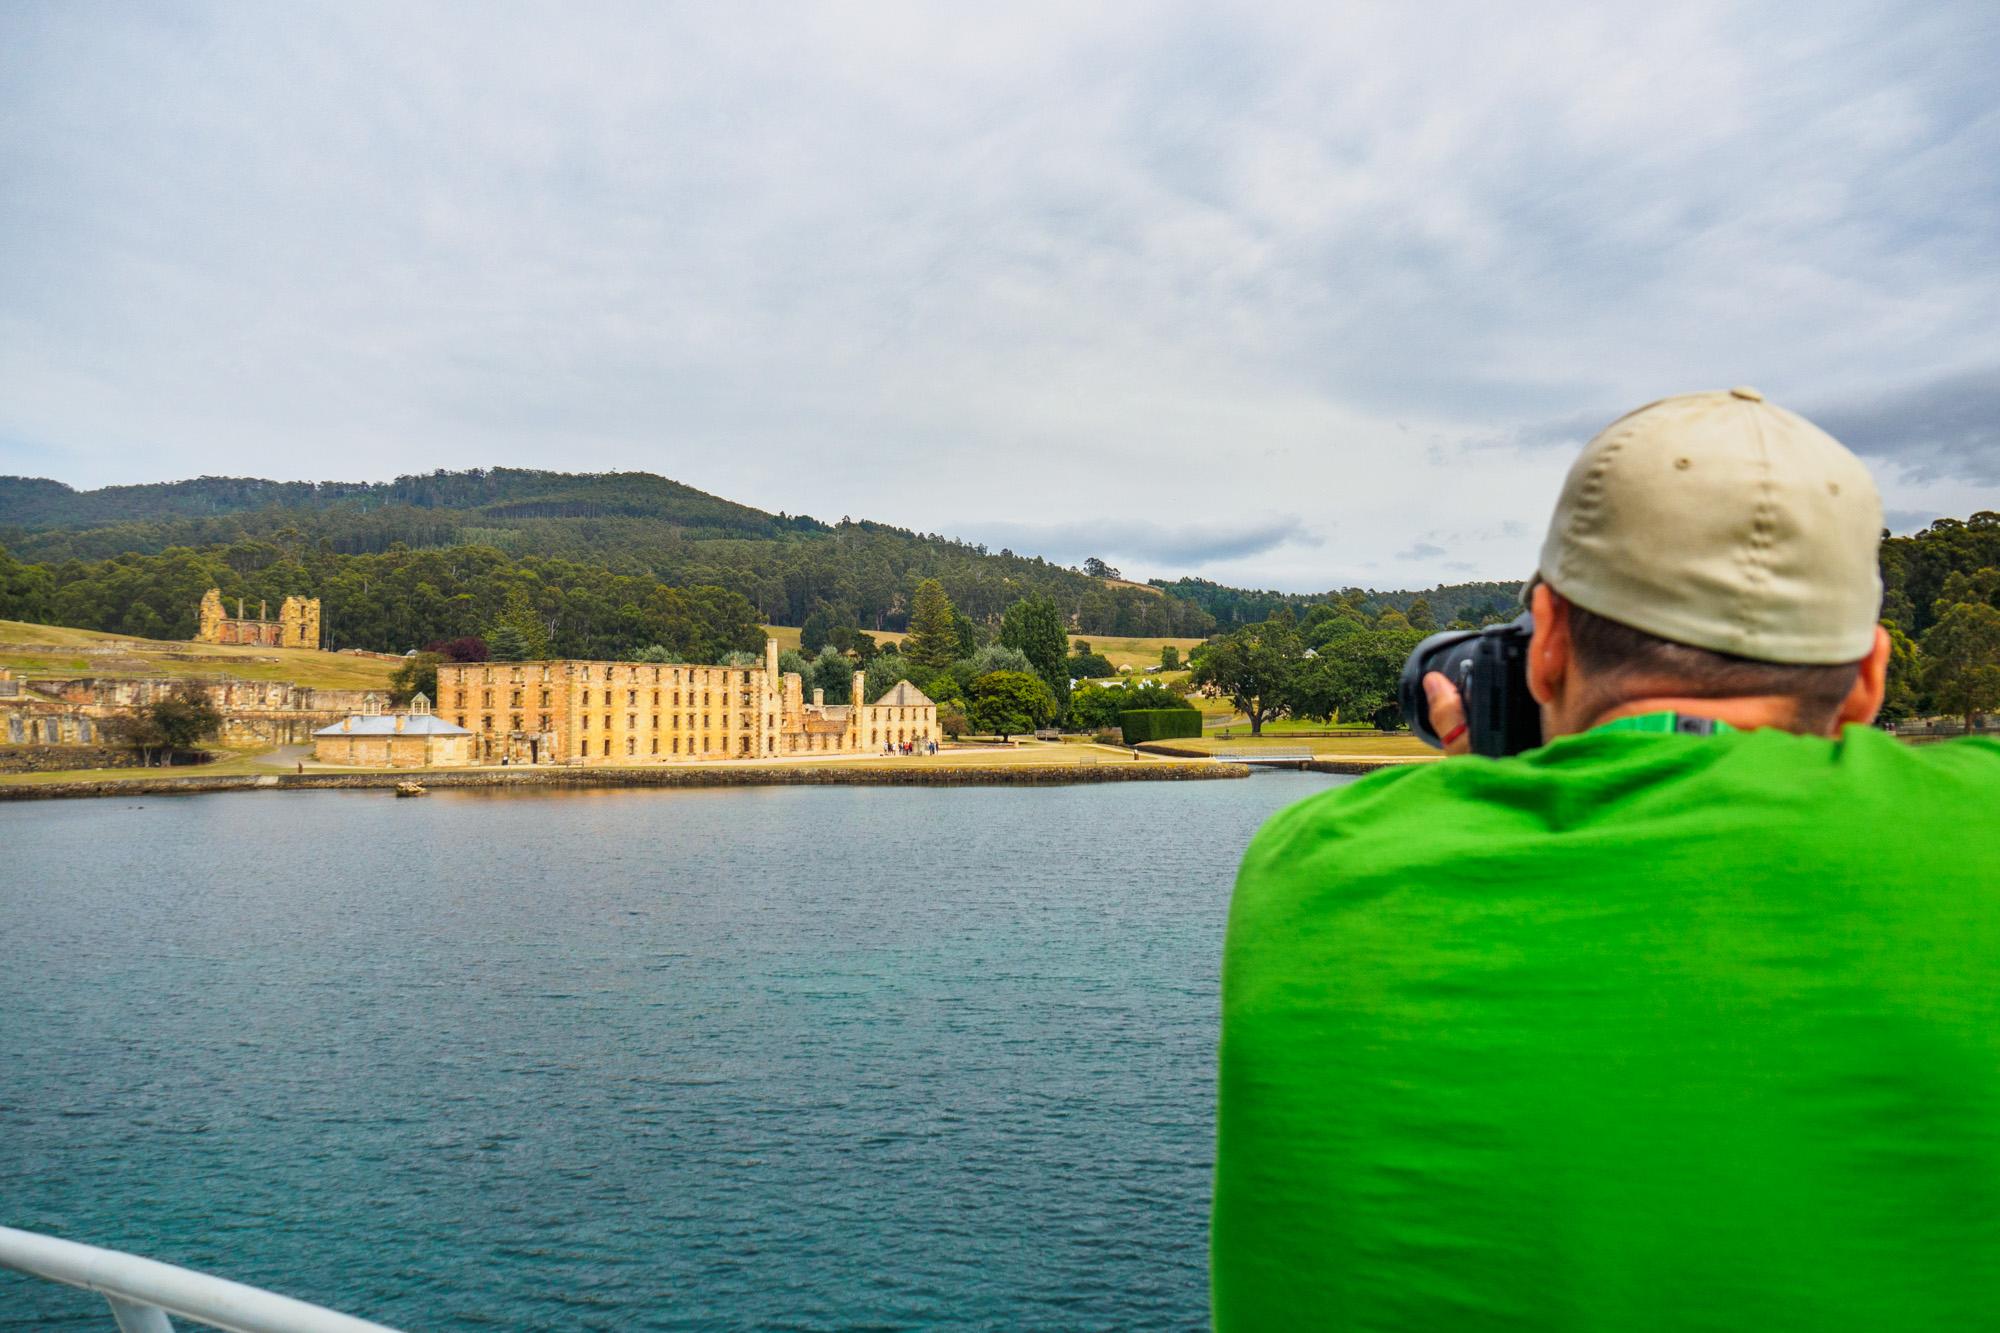 Tasman Peninsula - Schiffahrt in der Bucht vor Port Arthur